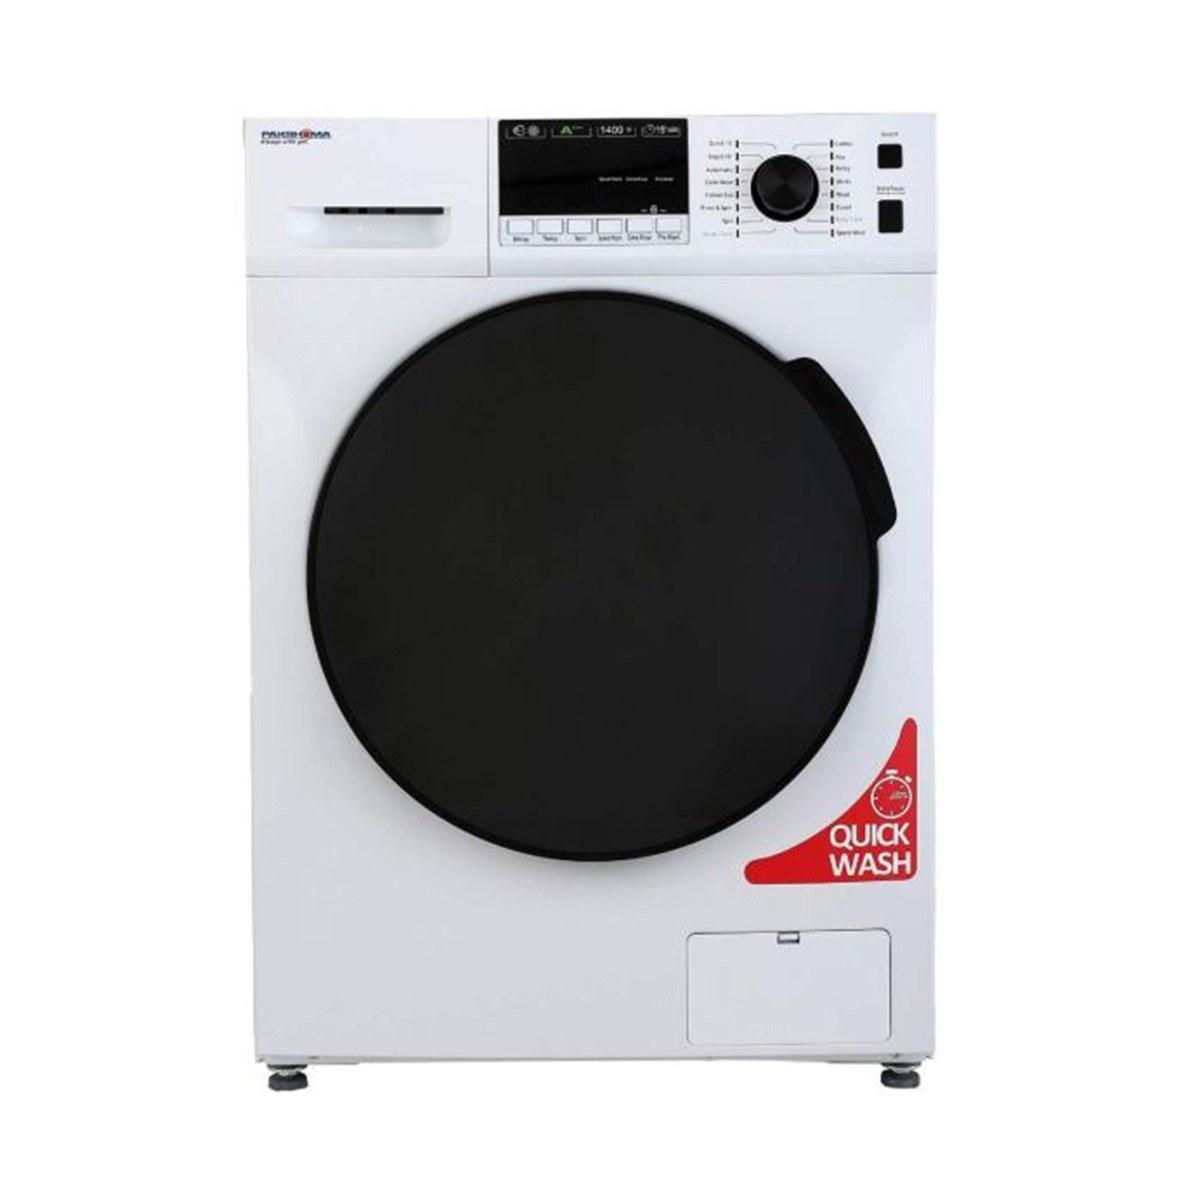 تصویر ماشین لباسشوی پاکشوما مدل TFU-74401 Pakshoma automatic washing machine model TFU-74401